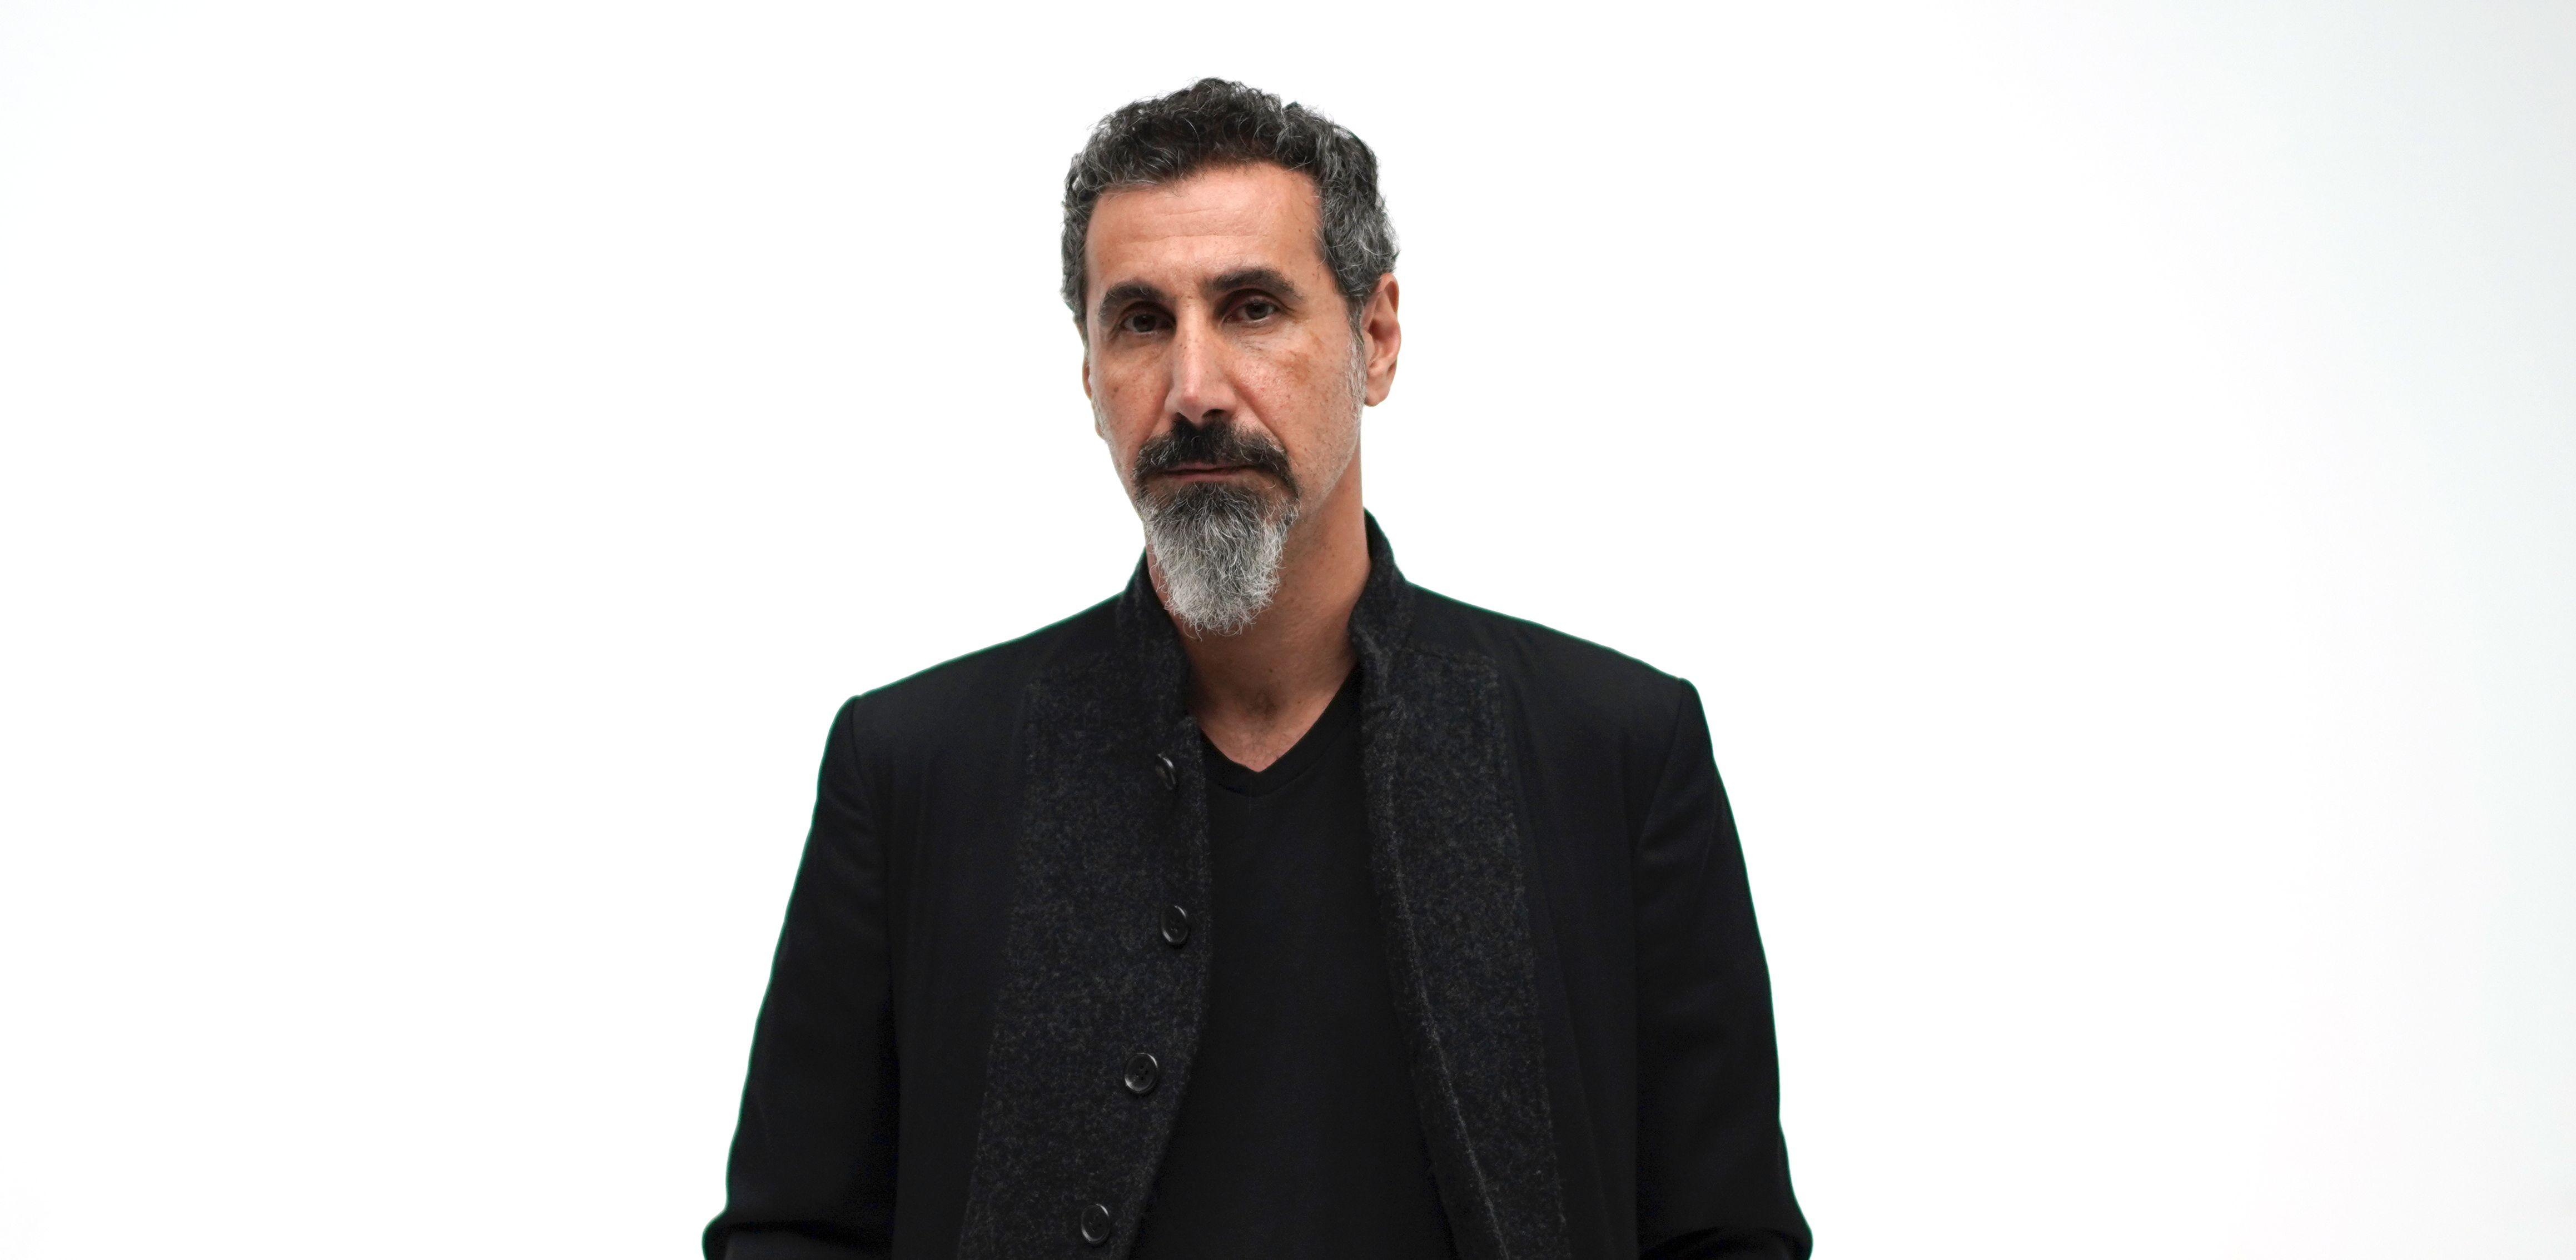 Episode 19: Serj Tankian